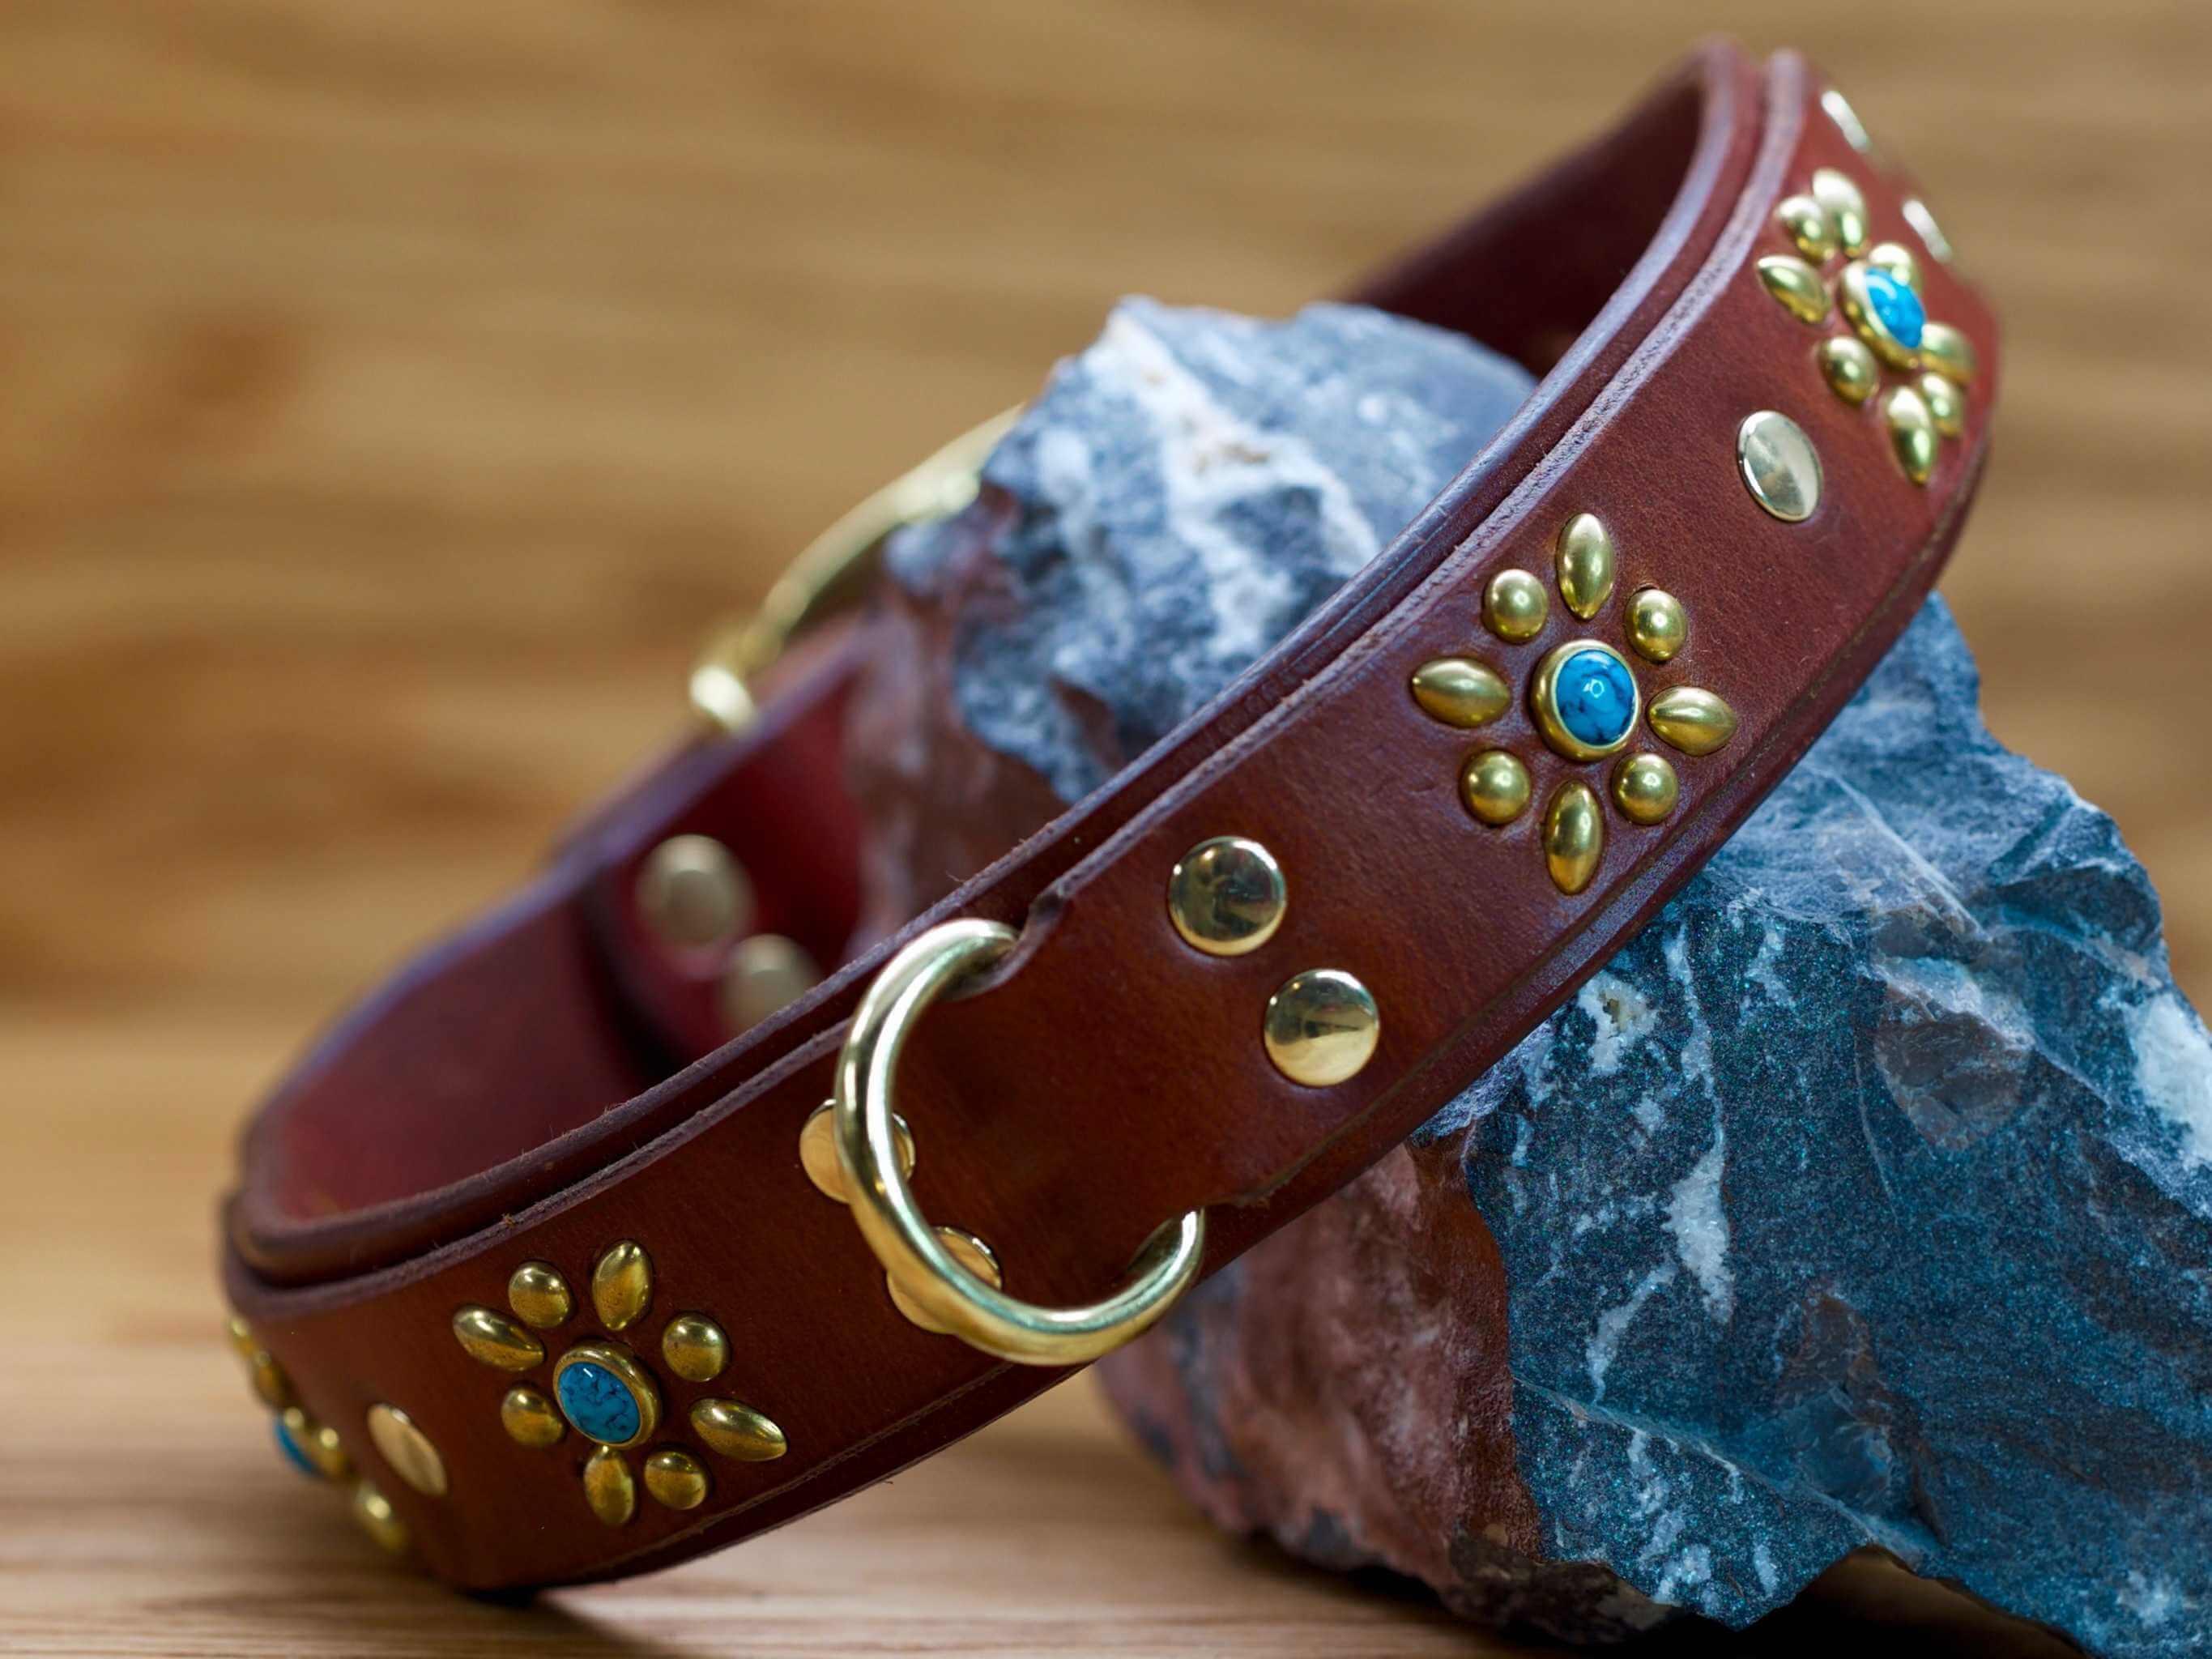 Autumn Flower collar shown in chestnut brown leather